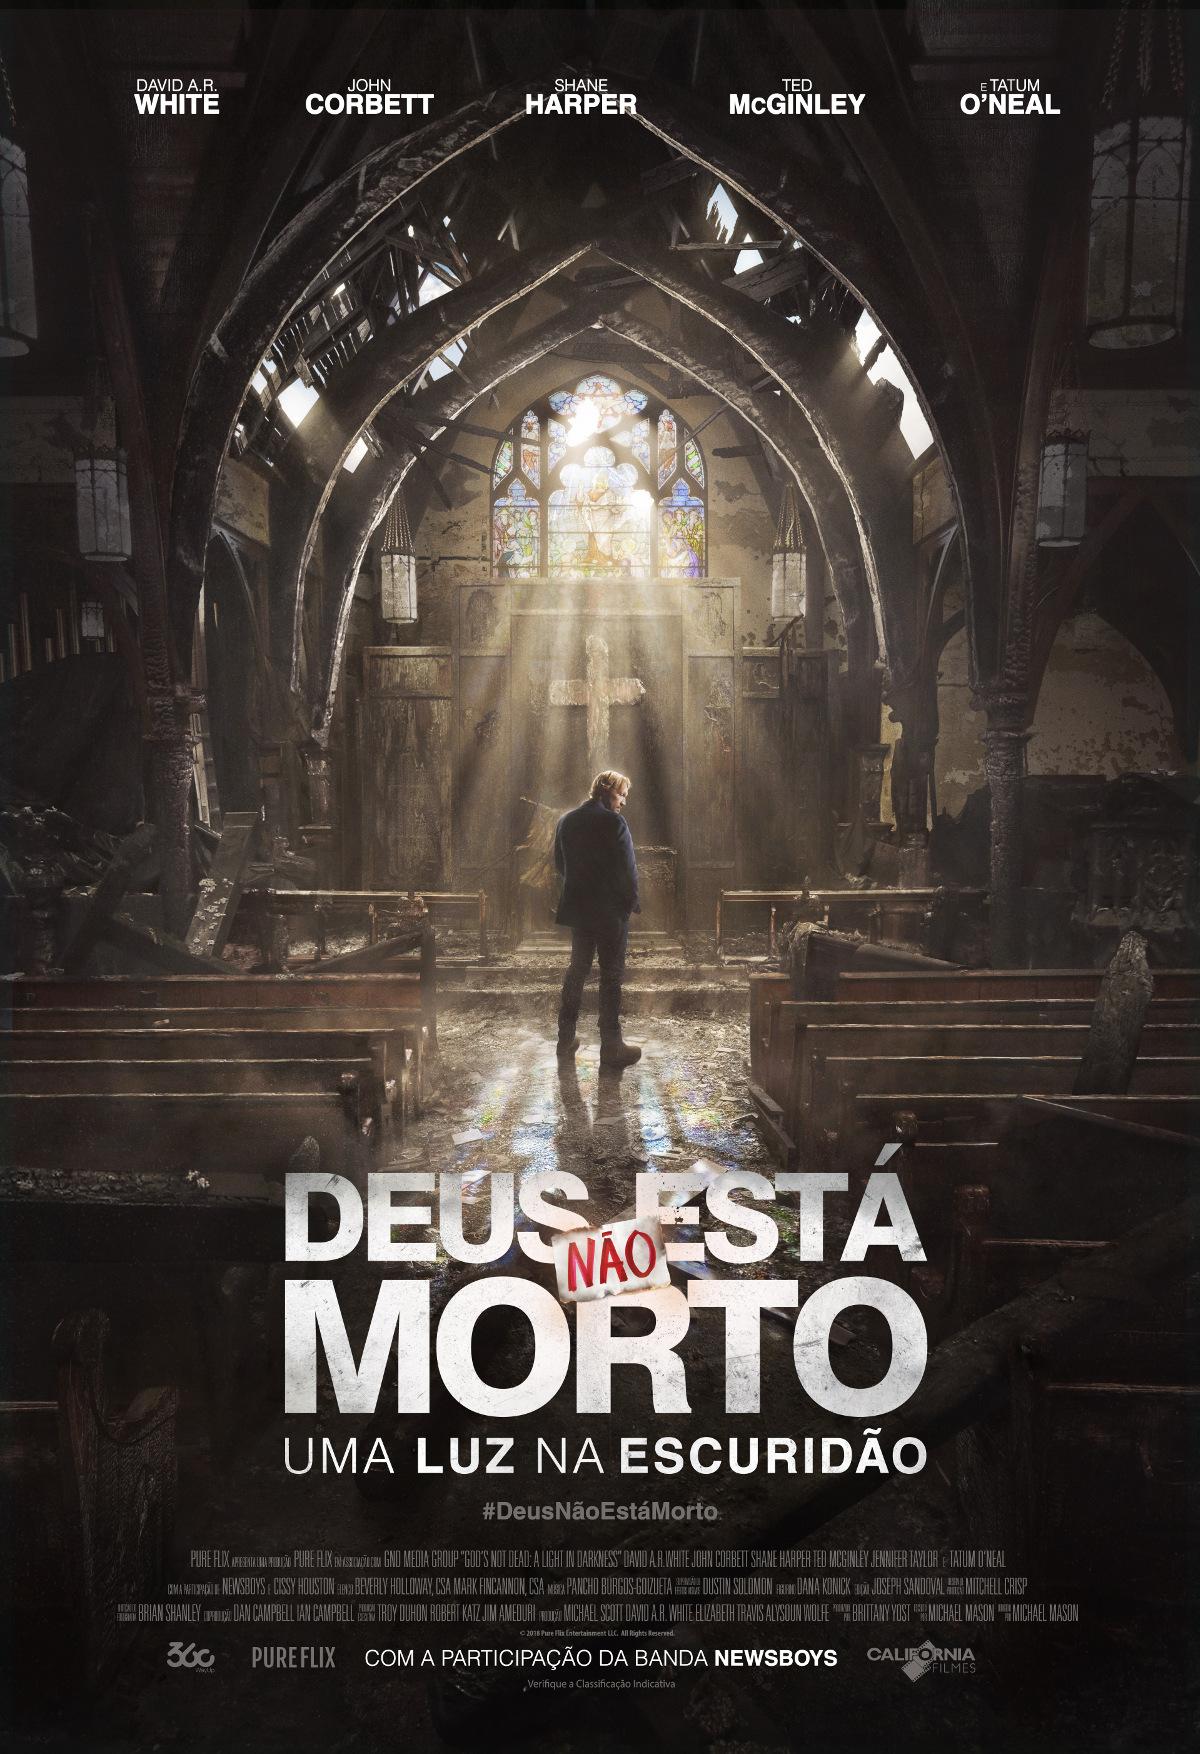 Deus Não Está Morto Uma Luz Na Escuridão Filme 2018 Adorocinema